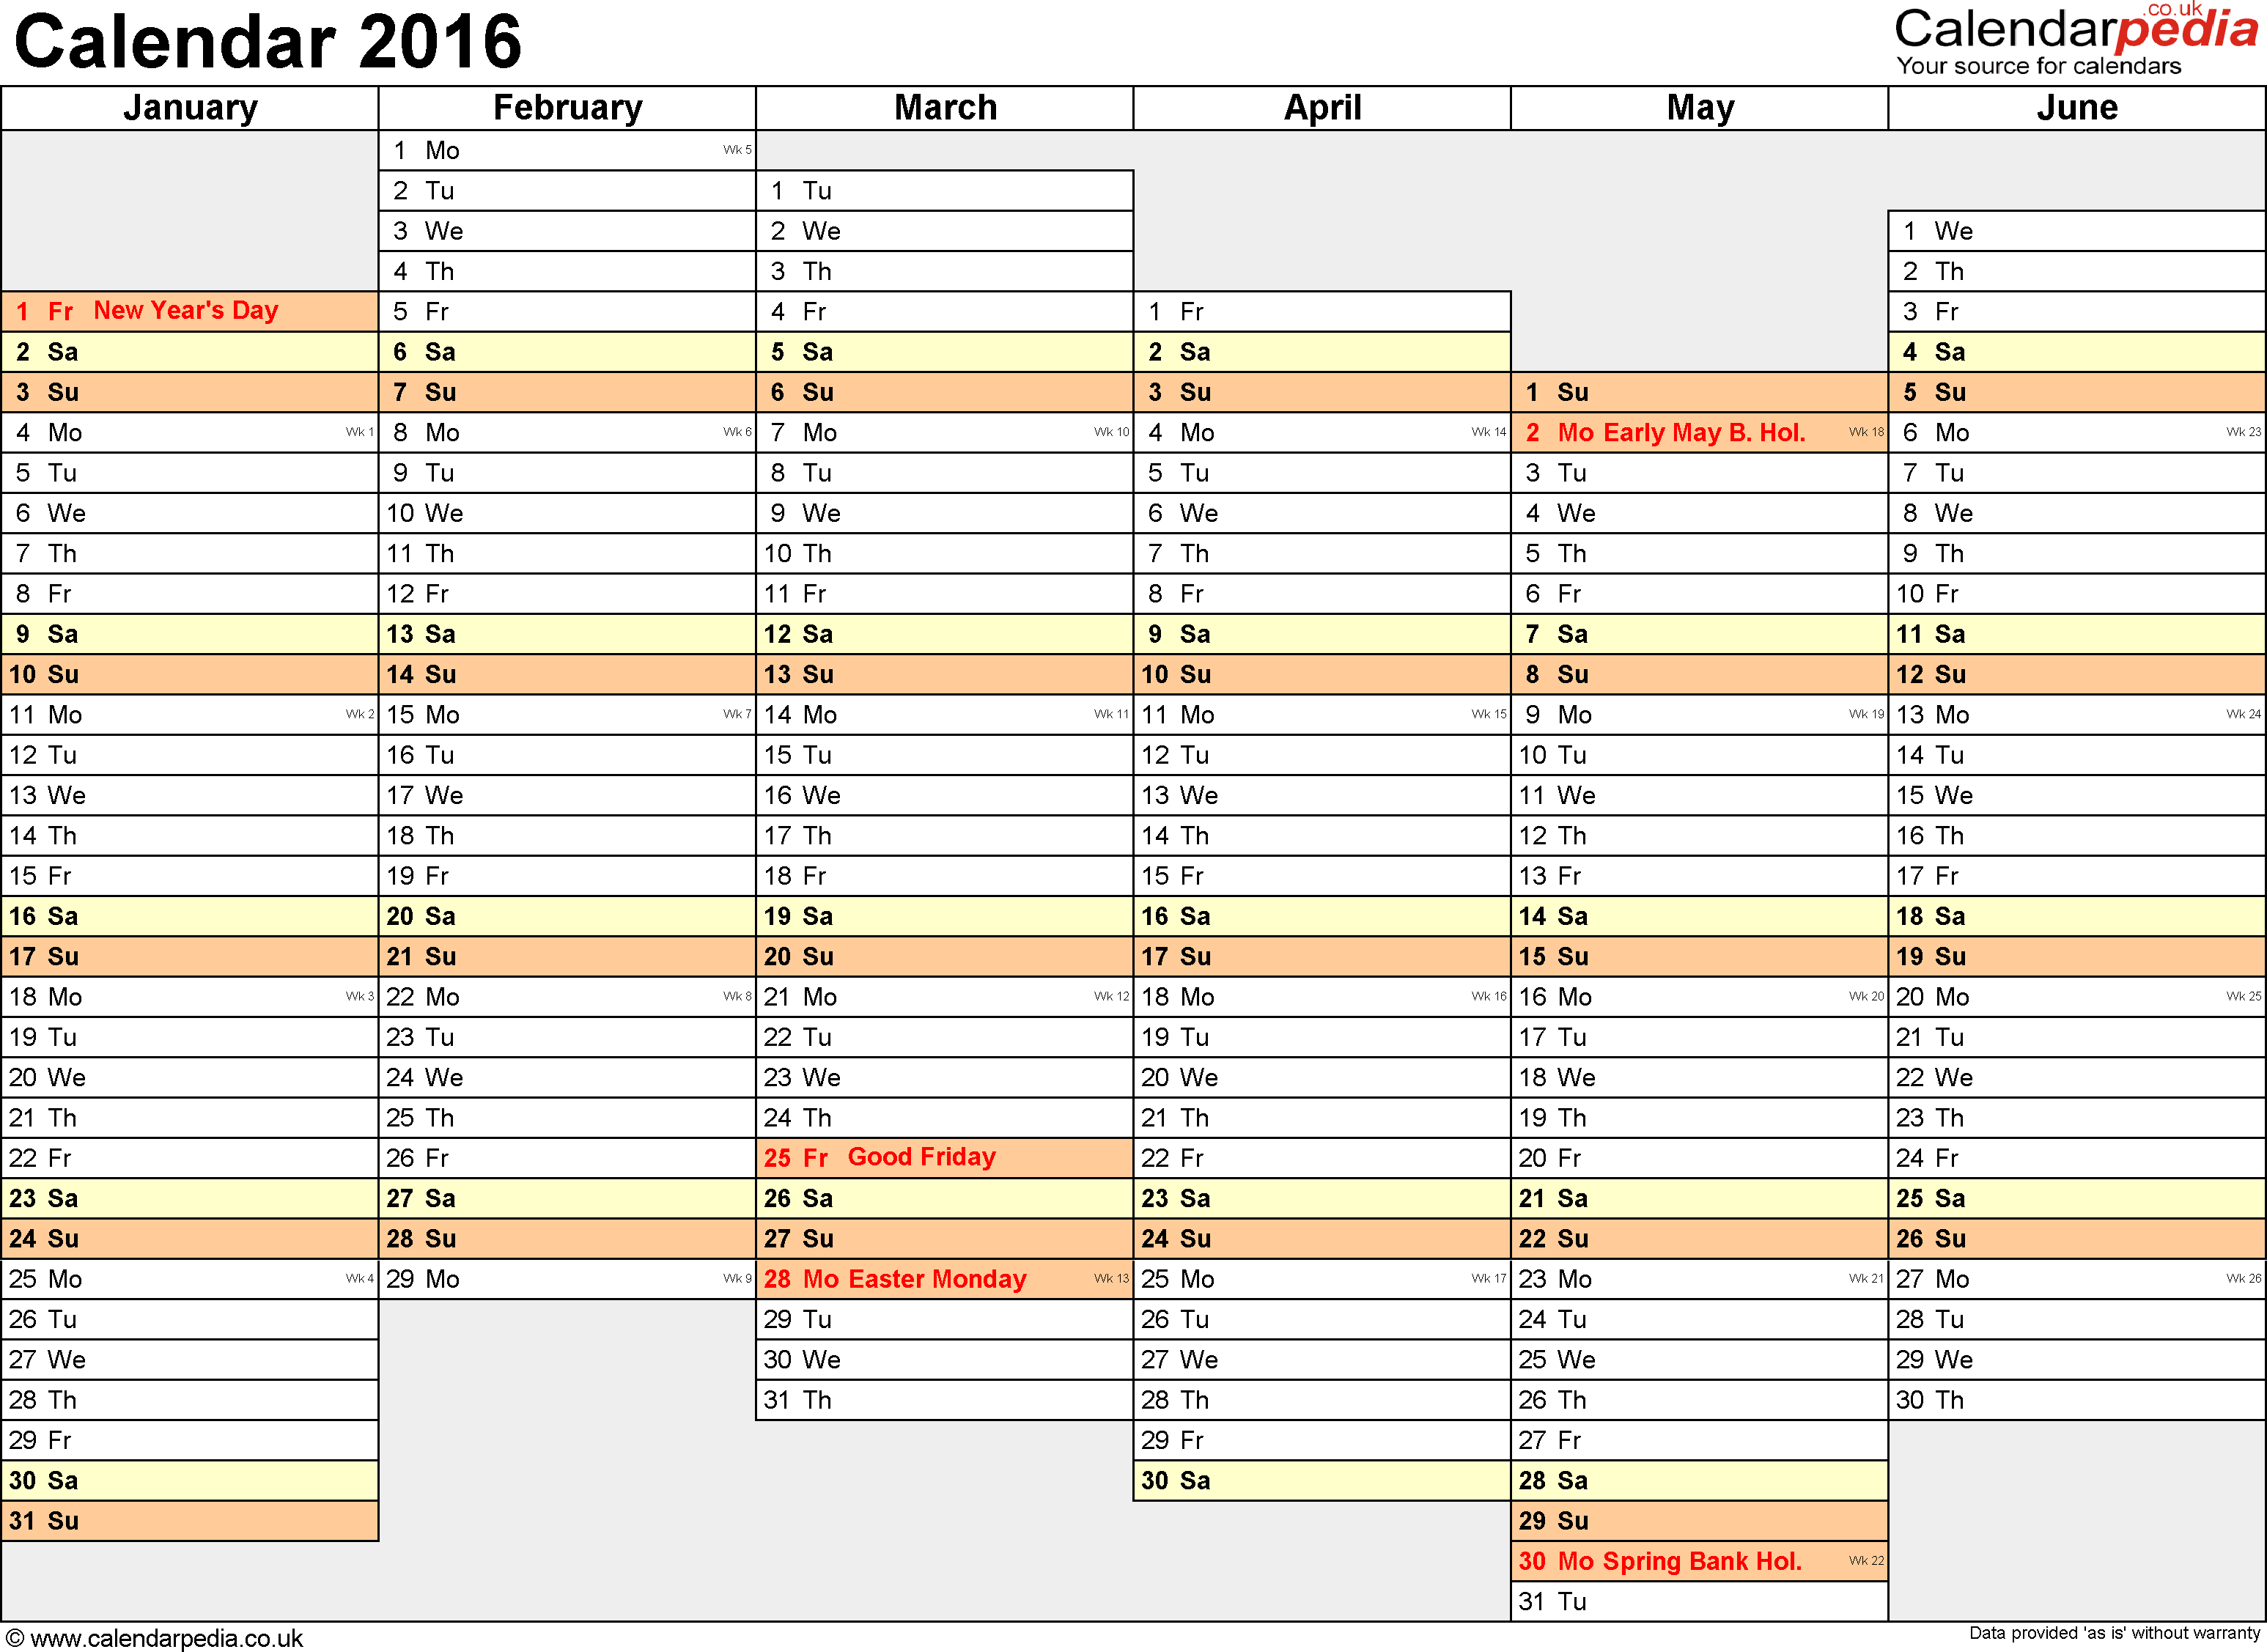 Excel Calendar 2016 (UK): 16 printable templates (xls/xlsx, free)